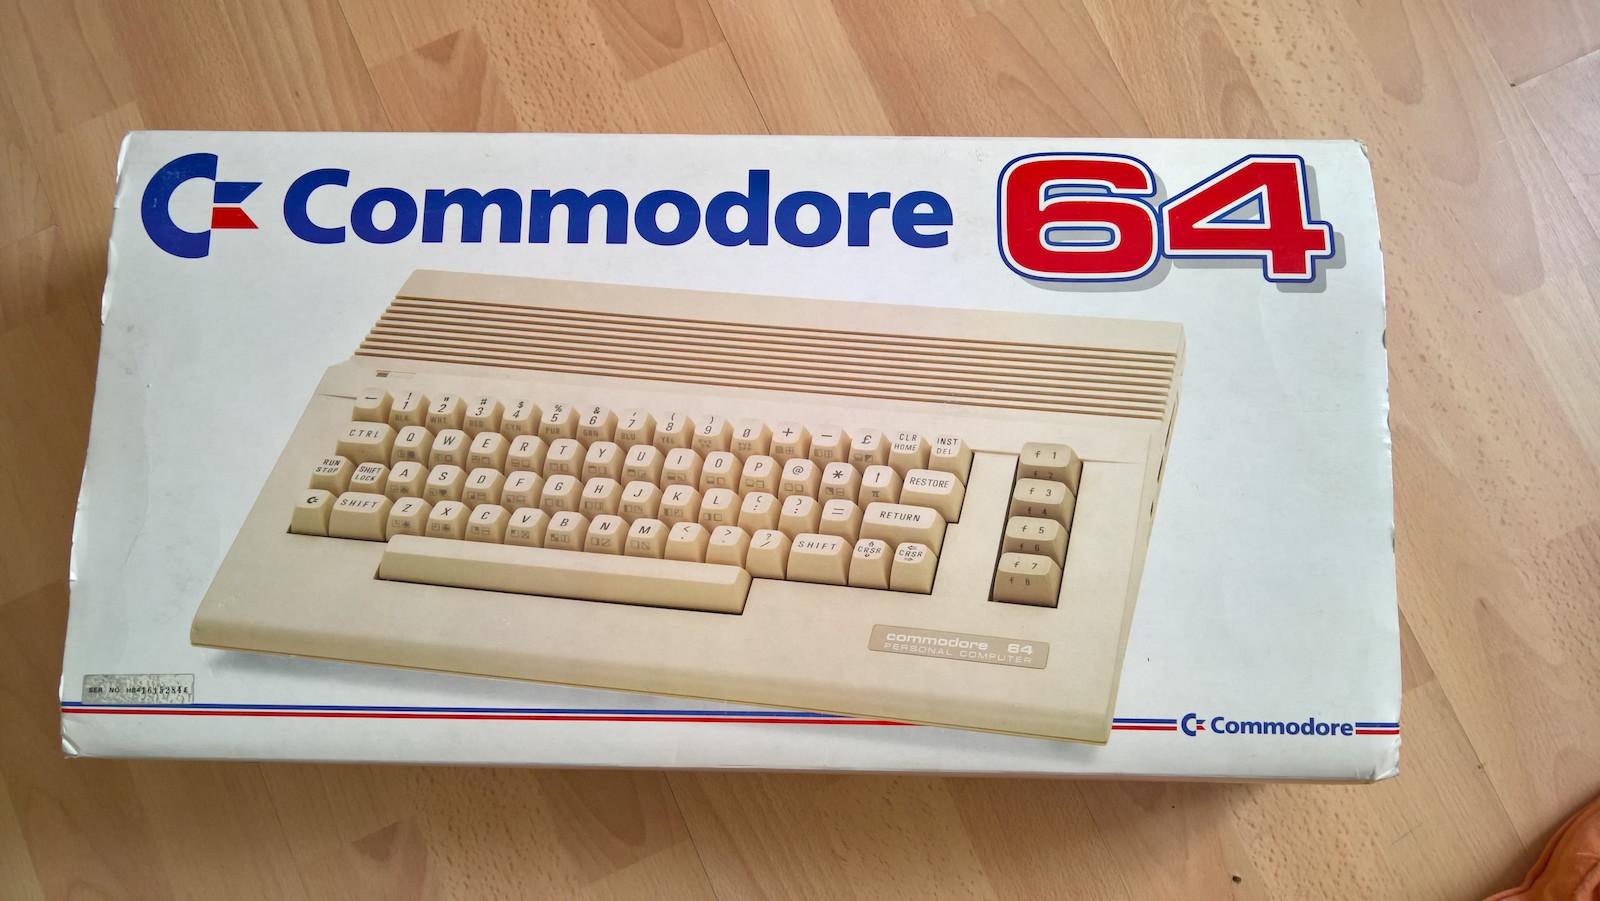 Der kaputte C64C in seiner Originalverpackung. (Bild: Stefan Vogt)